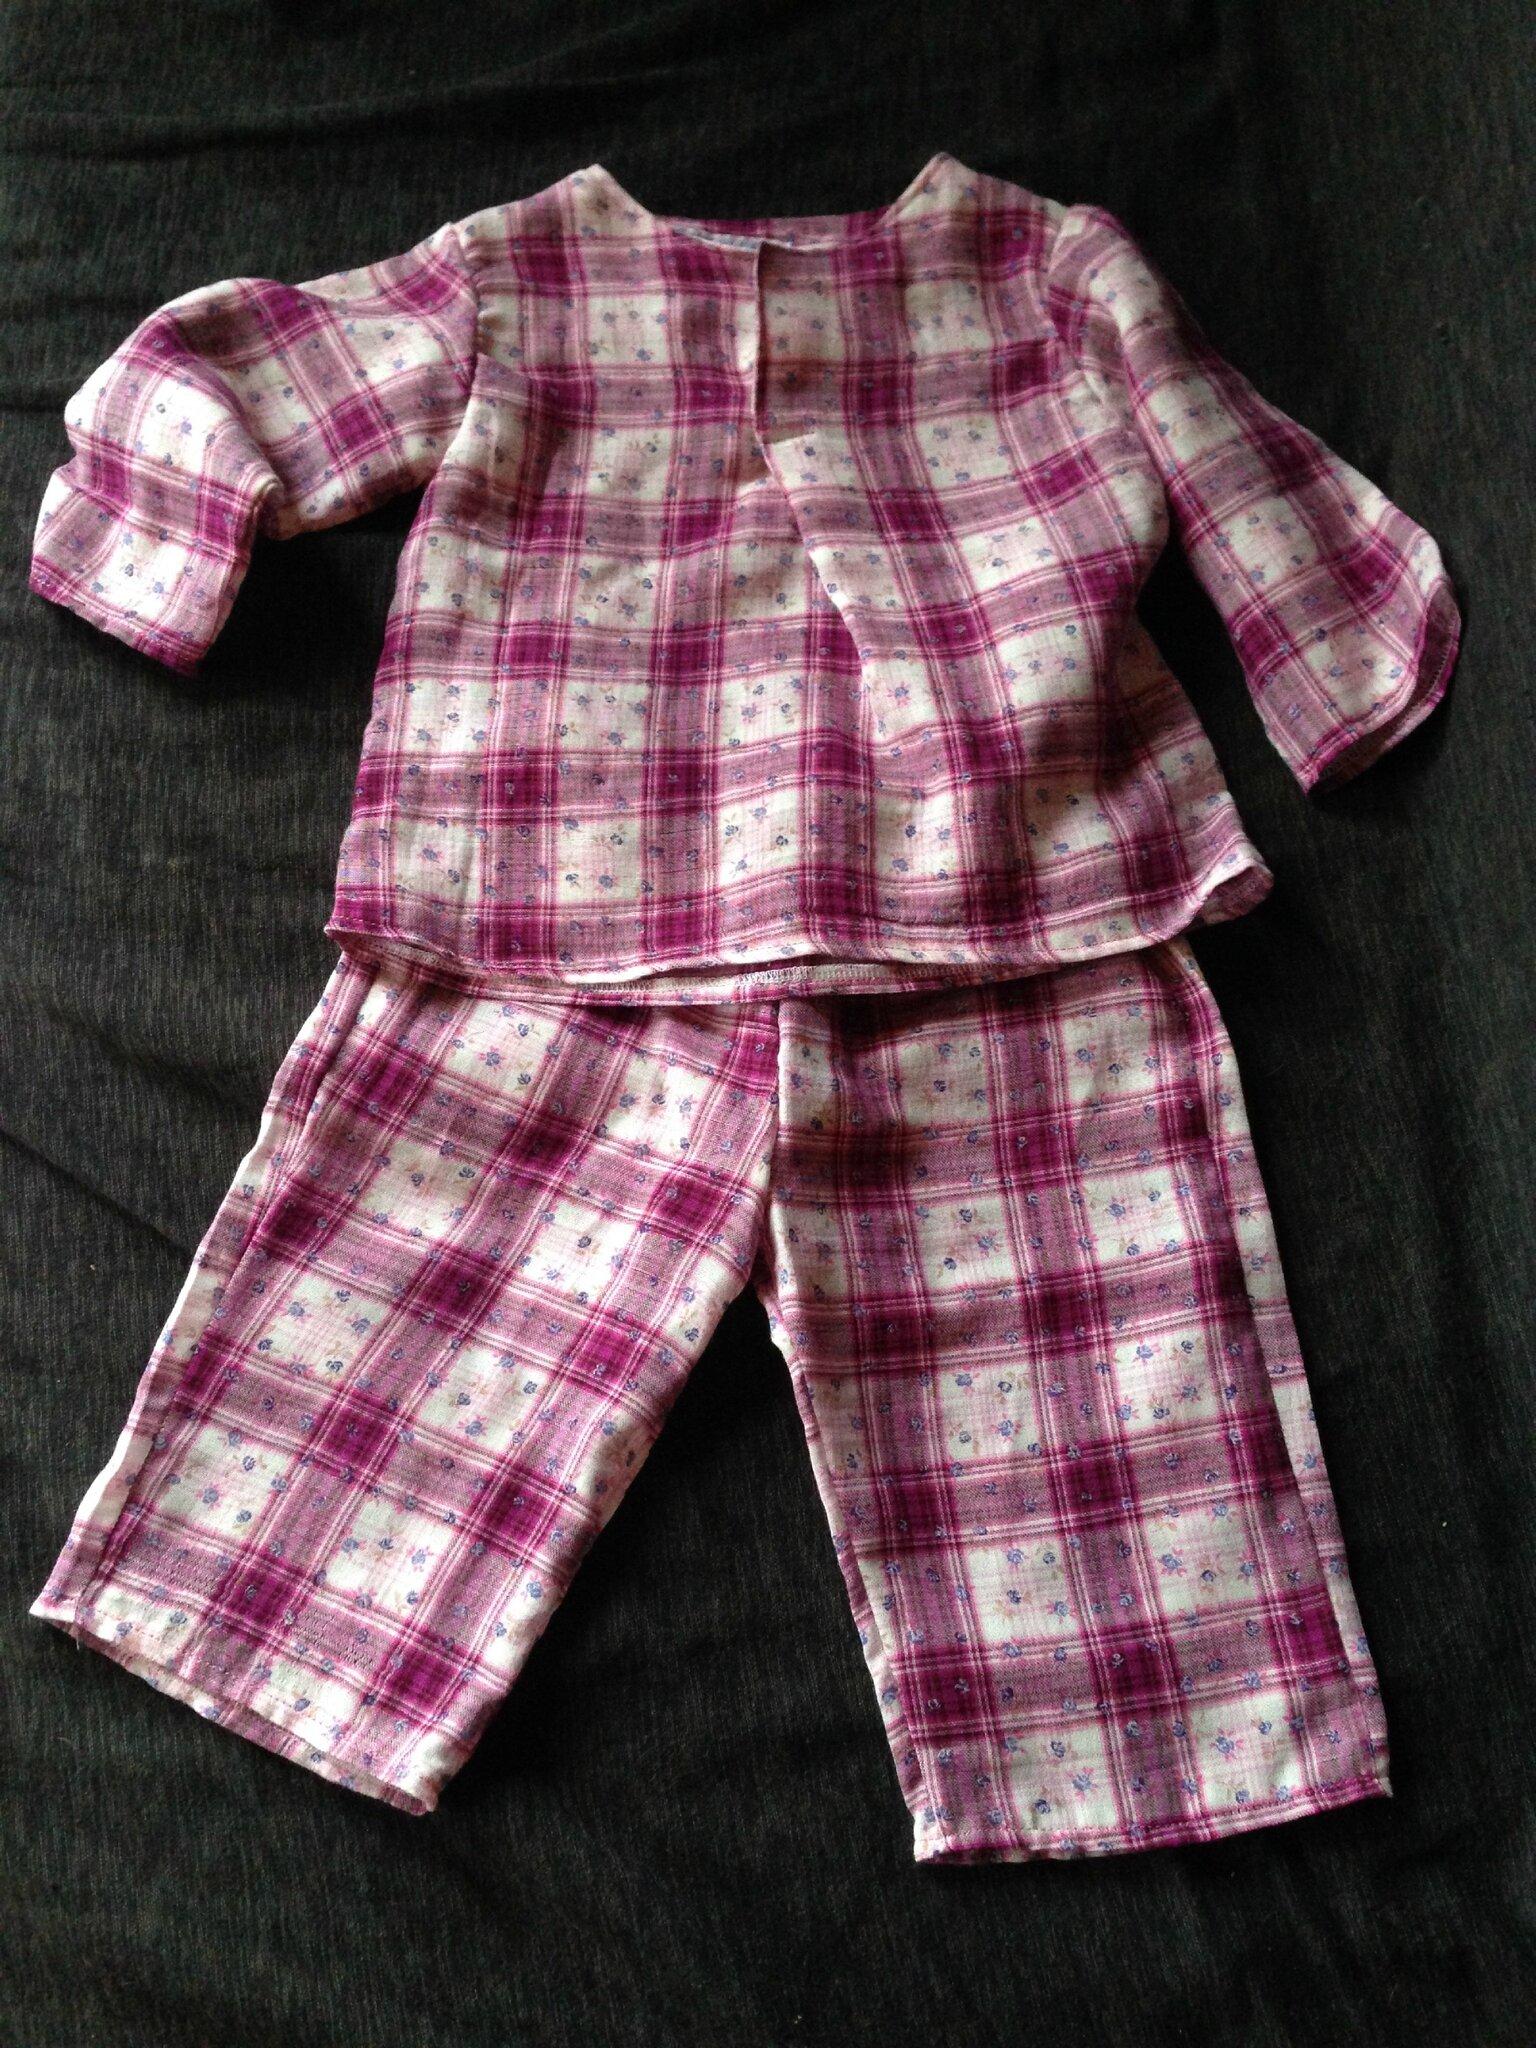 Blouse boutonnée + pantacourt = nouveau pyjama léger !